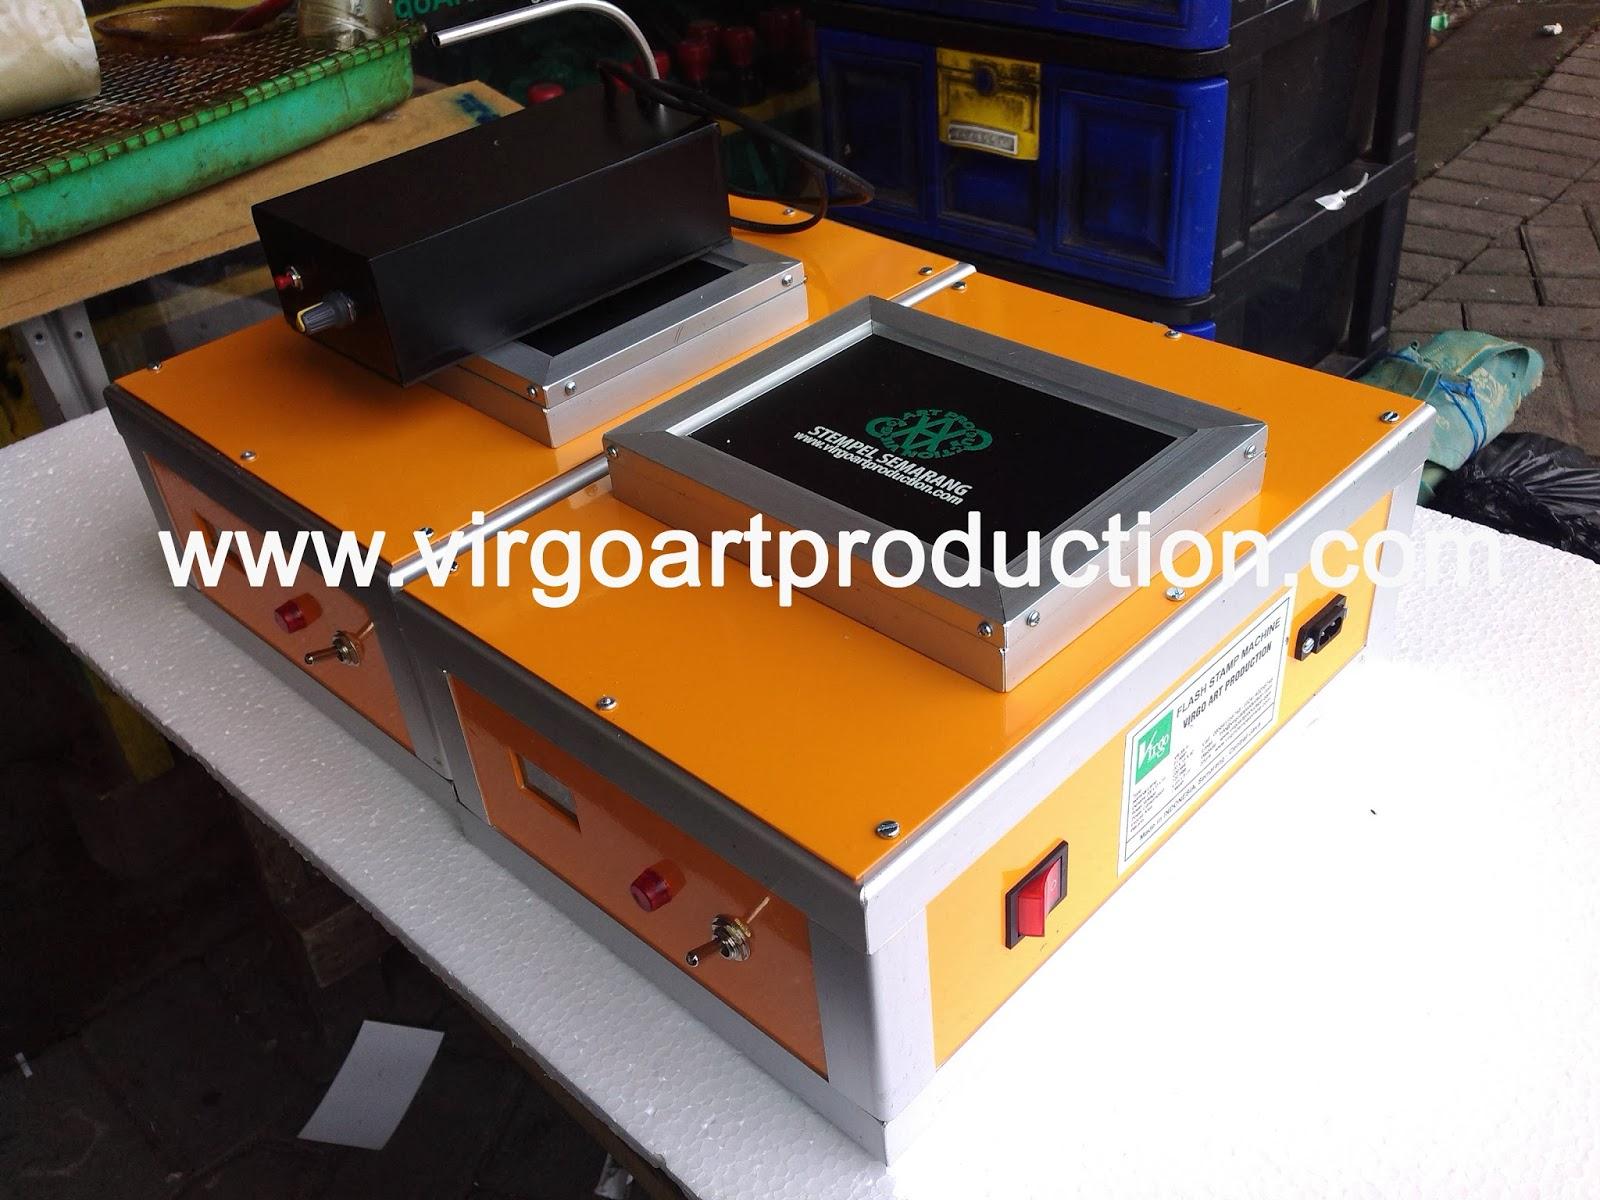 mesin stempel flash virgo warna stempel murah berkualitas